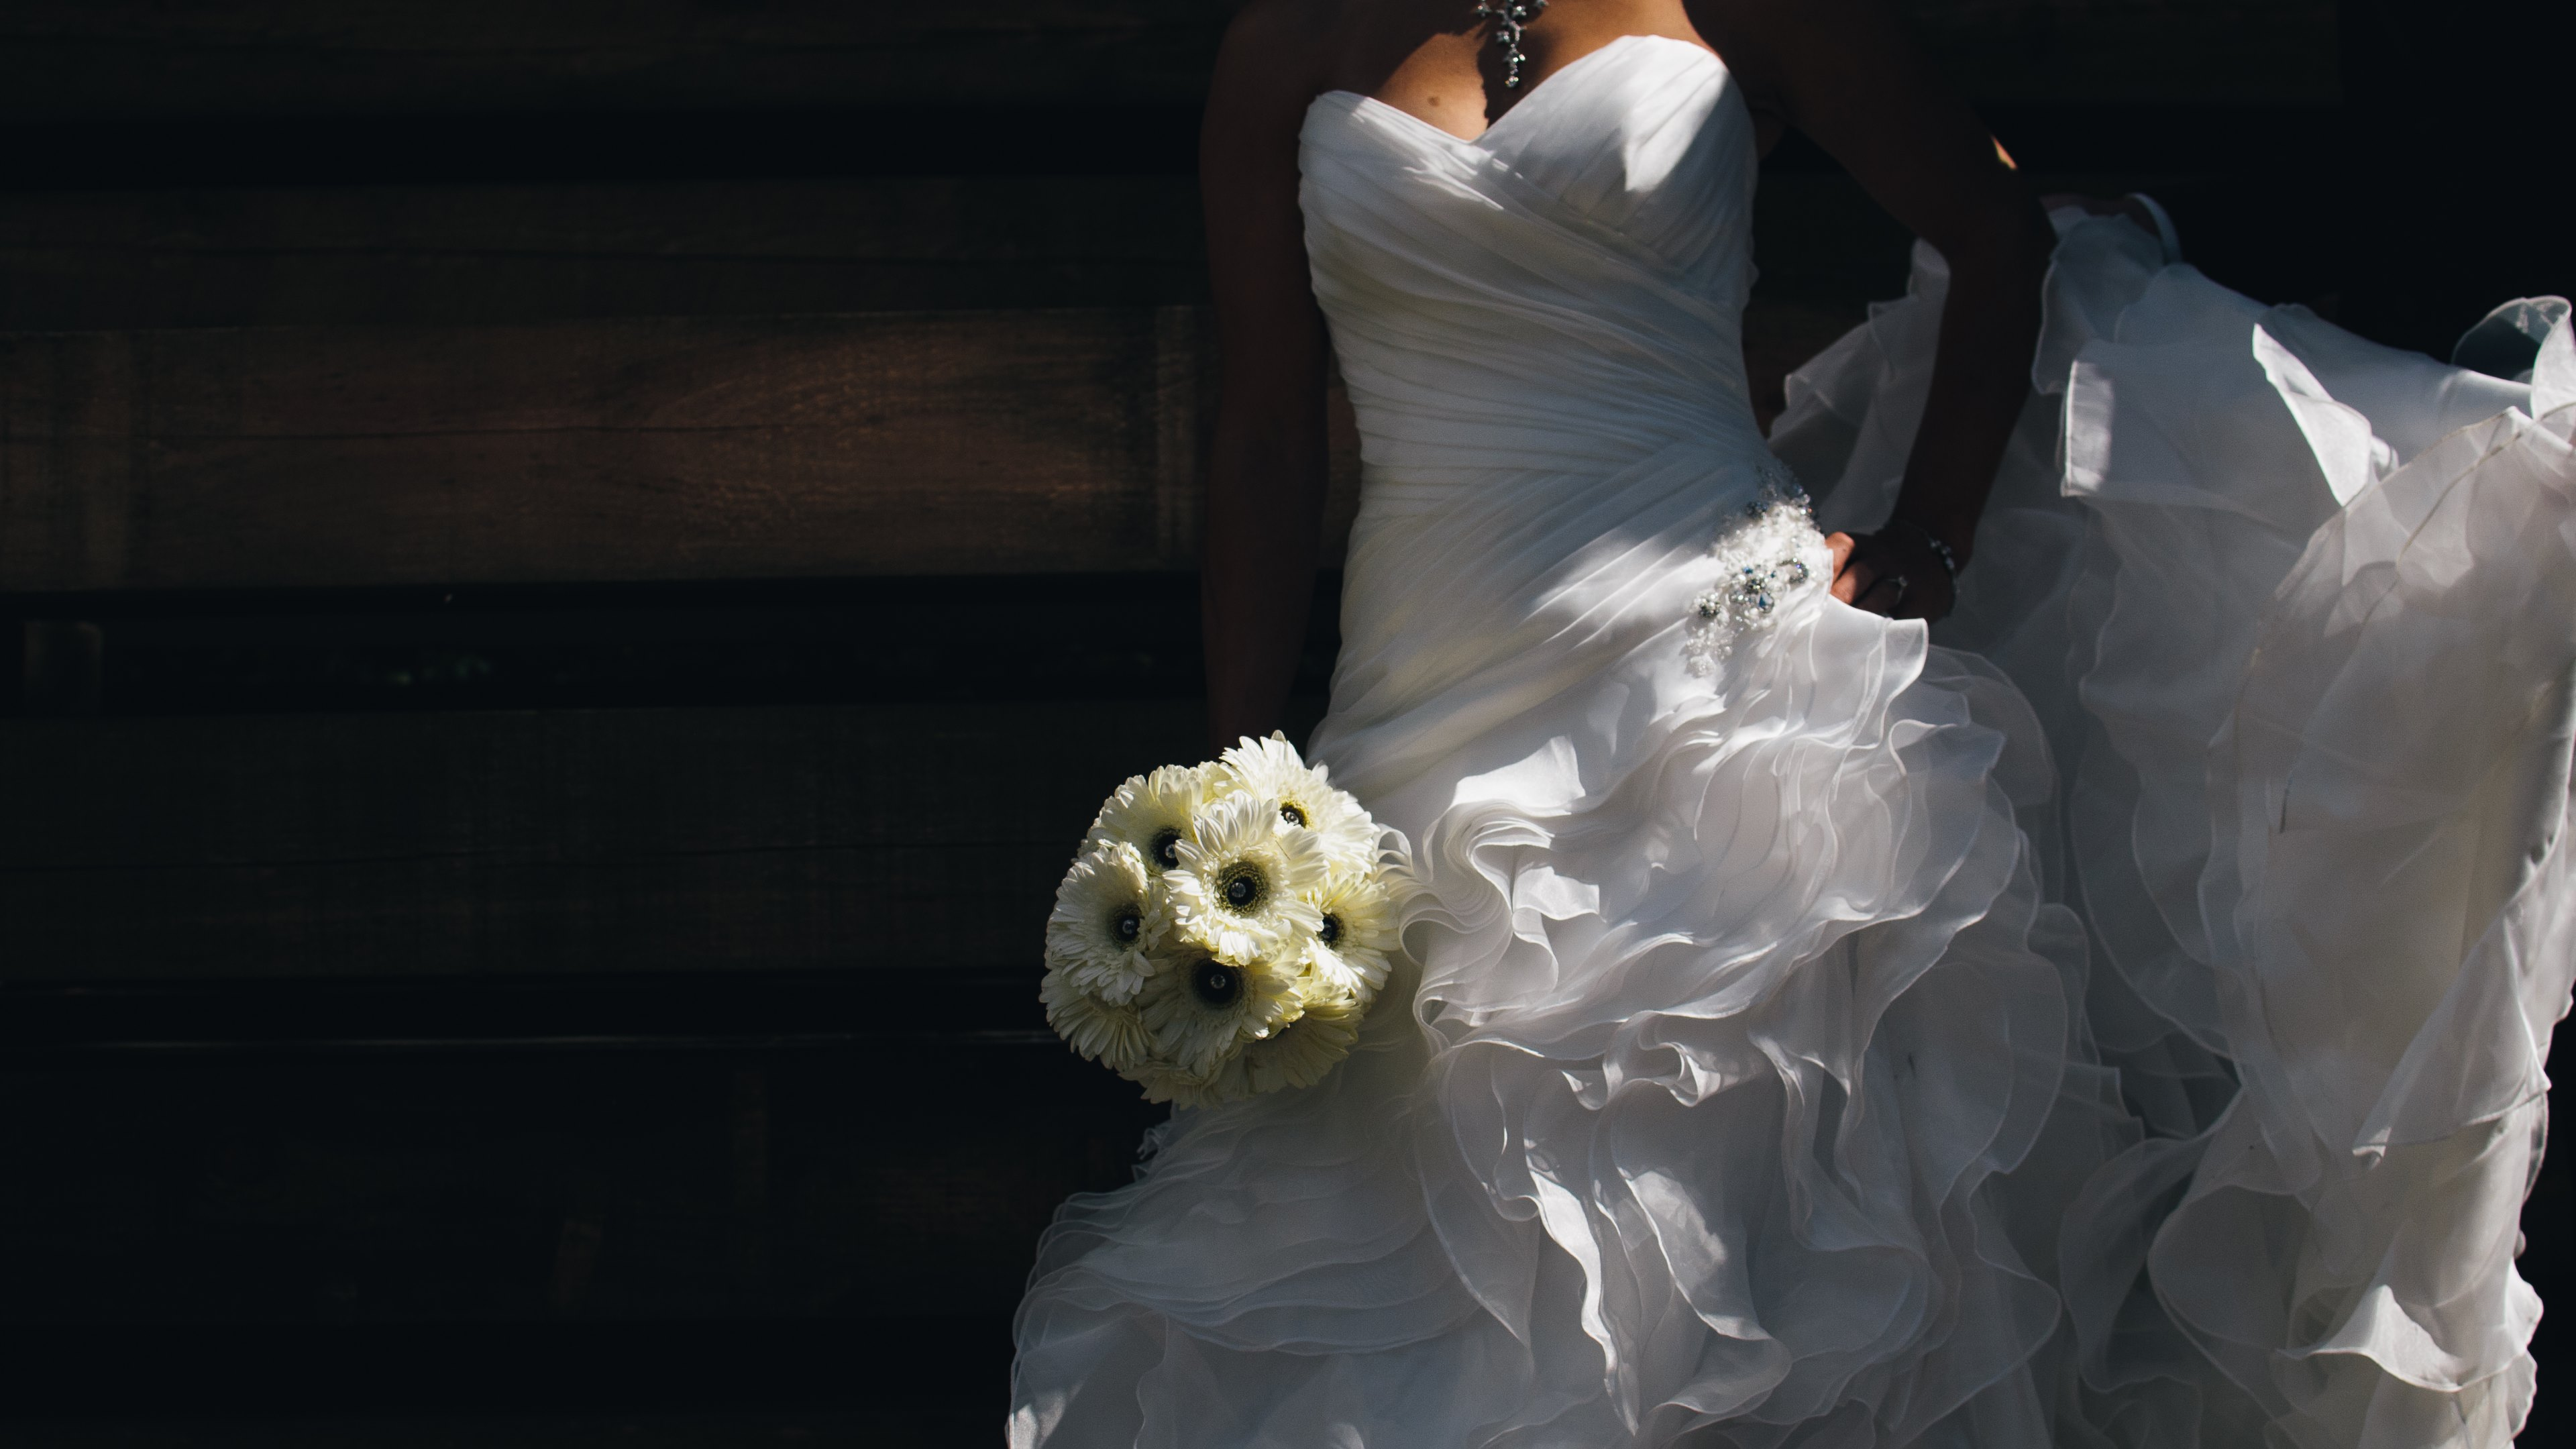 Beautiful Bride Photos Ultra High 76